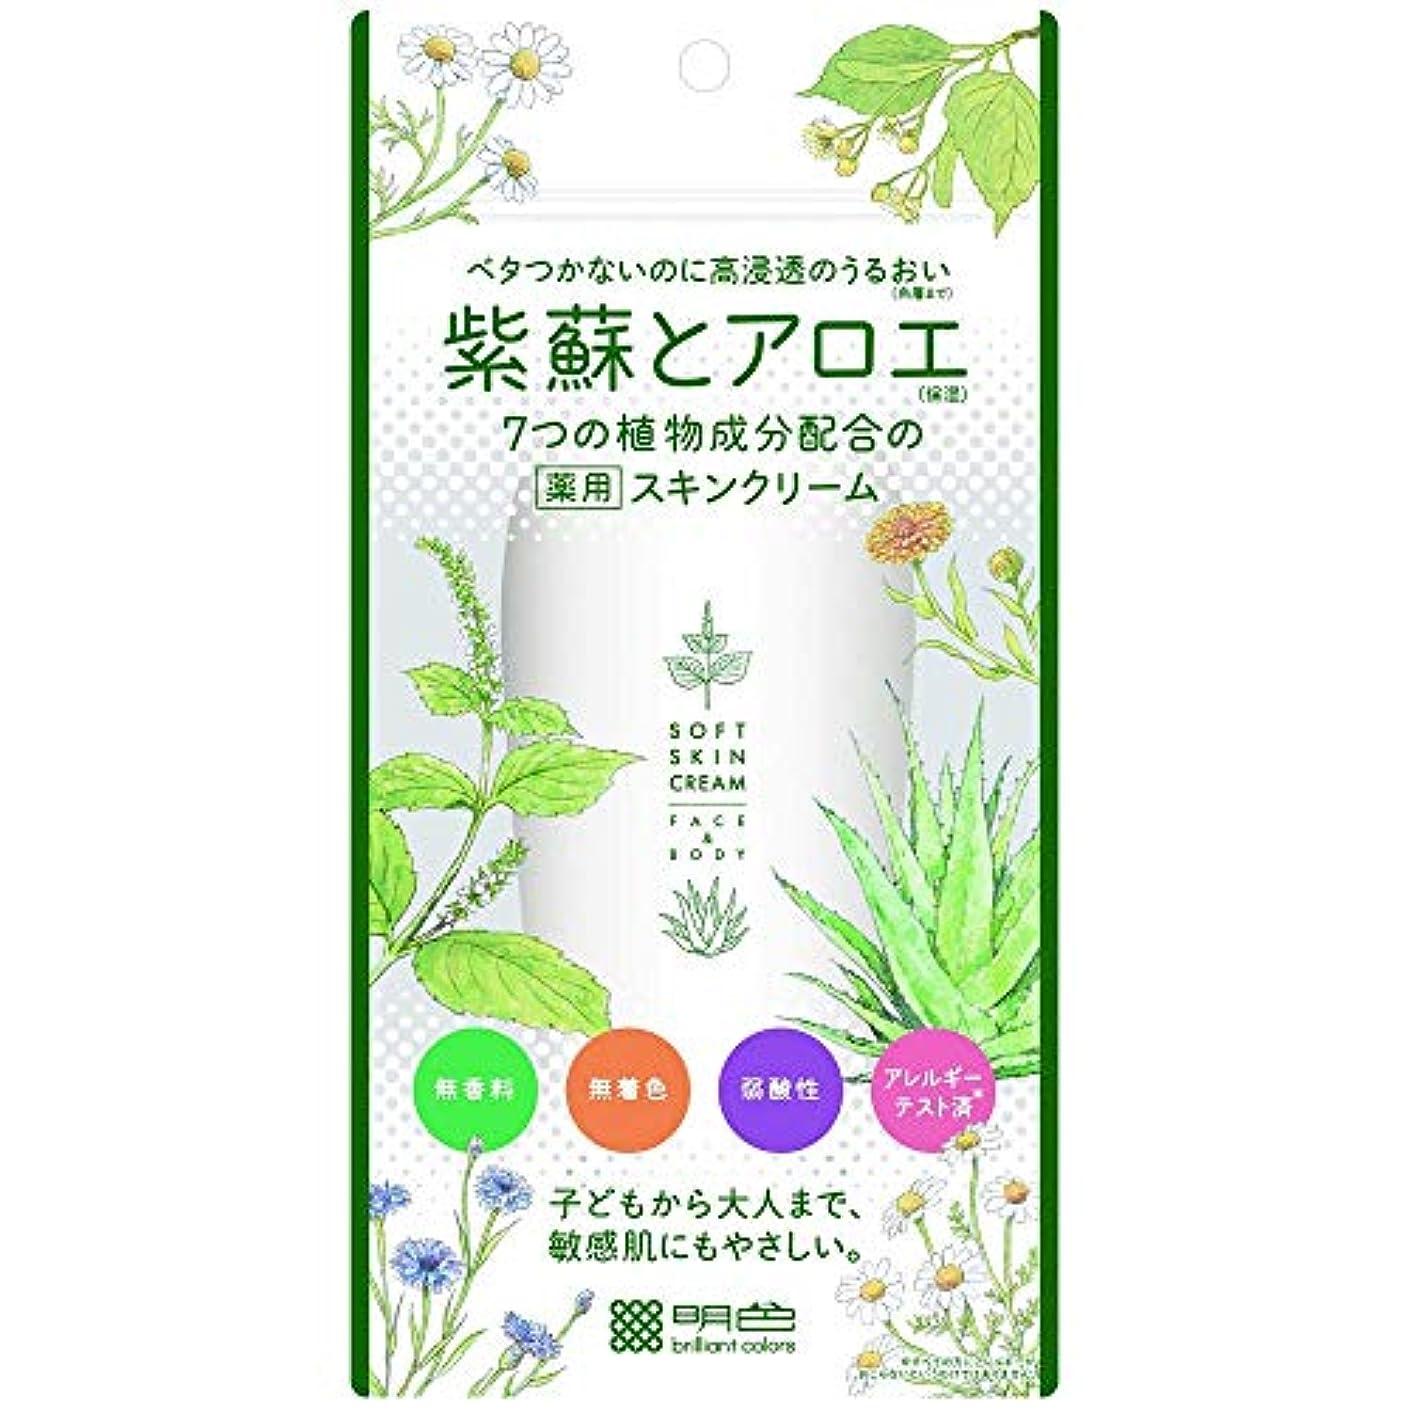 自明ニュース計り知れない【4個セット】紫蘇とアロエ 薬用スキンクリーム 190g